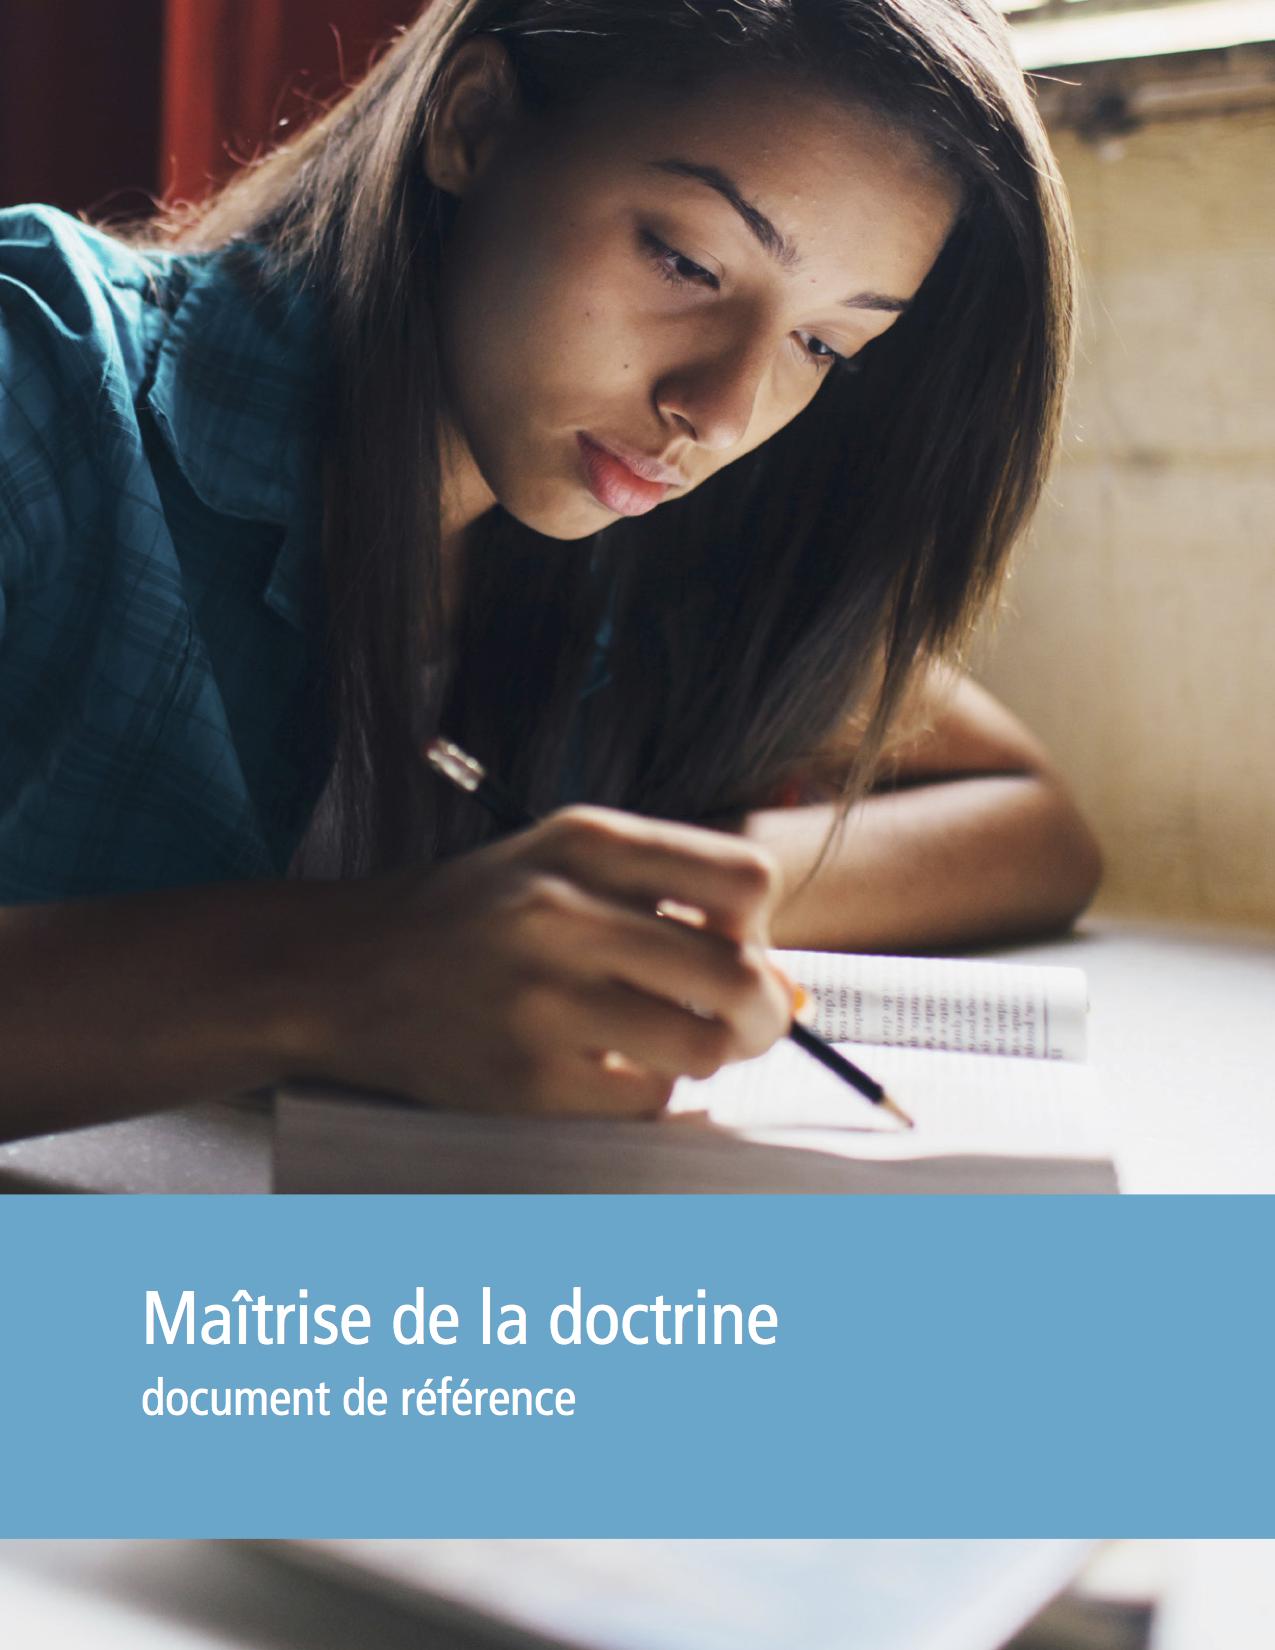 Maîtrise de la doctrine, couverture du document de référence